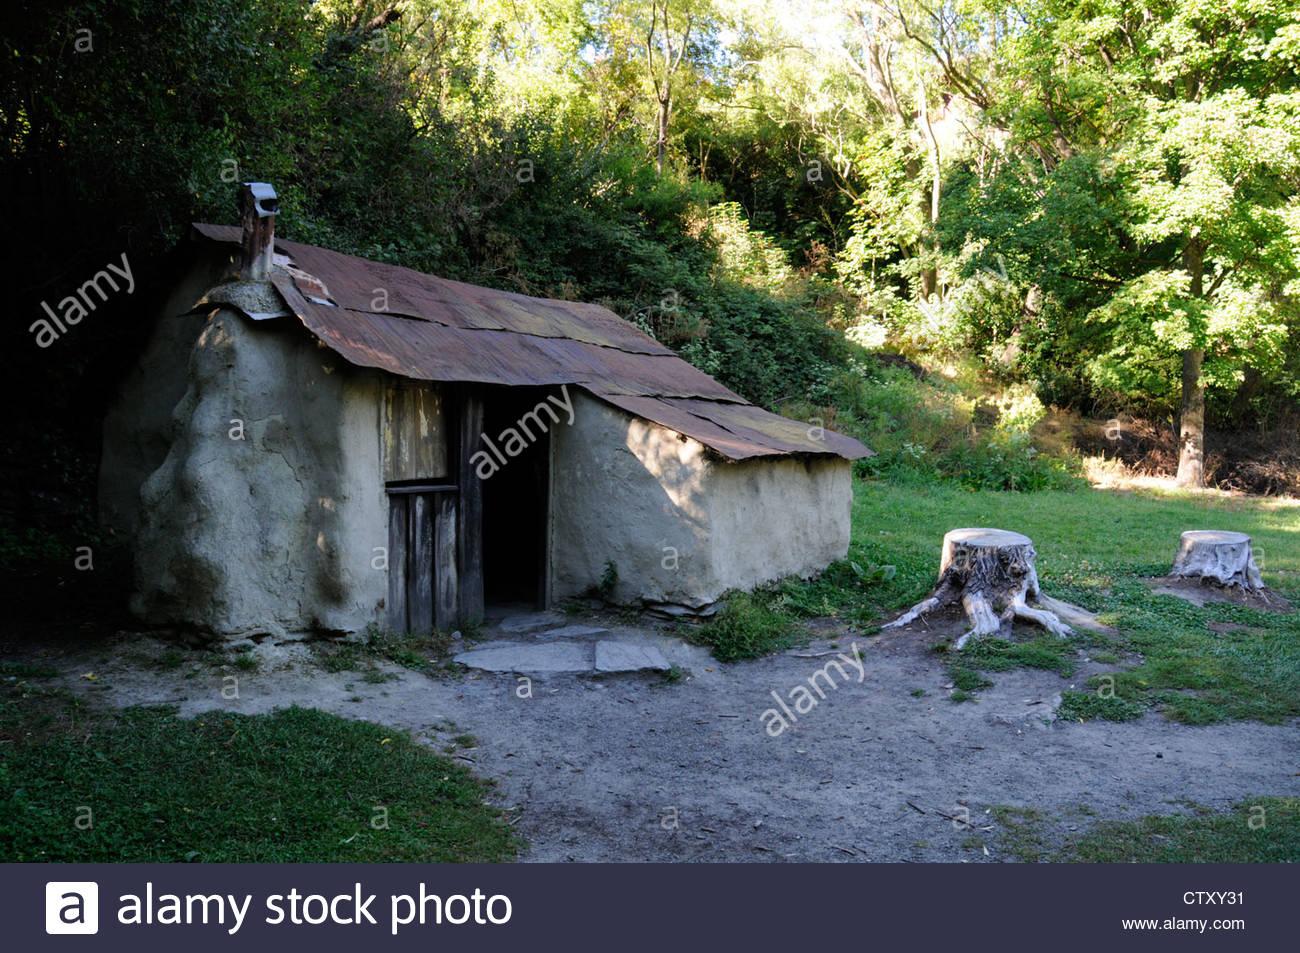 Une Cabane De Mineur D'or Chinoise Dans Le Cadre De L'ancien à Mineur D Or